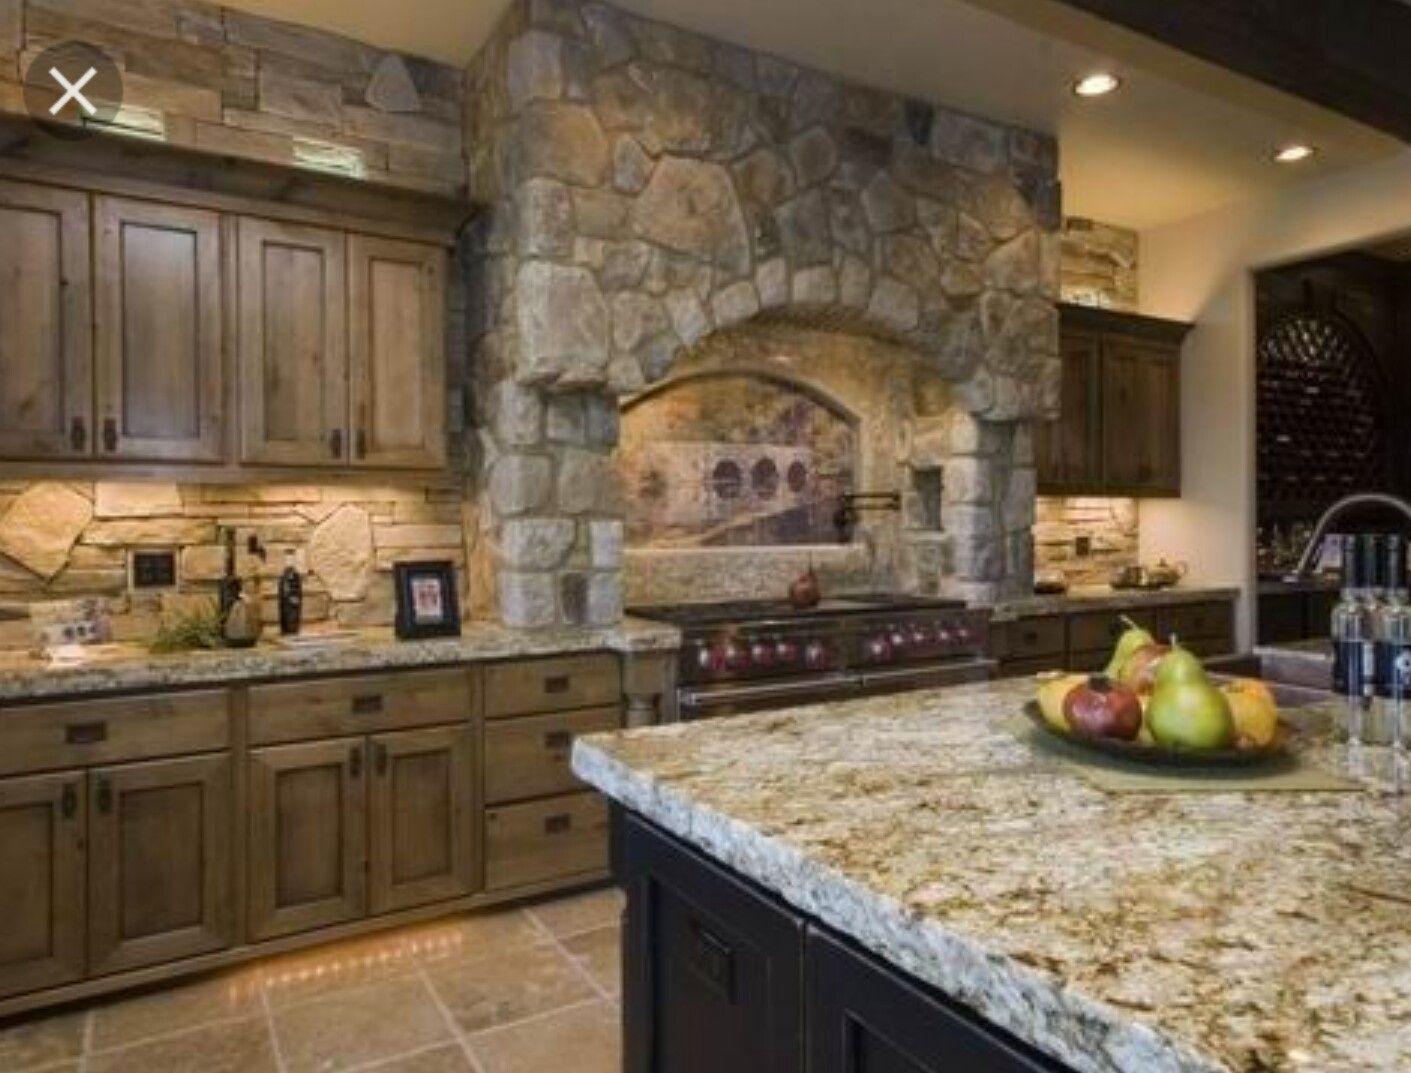 Cabinet Stain | Alder kitchen cabinets, Tuscan kitchen ...